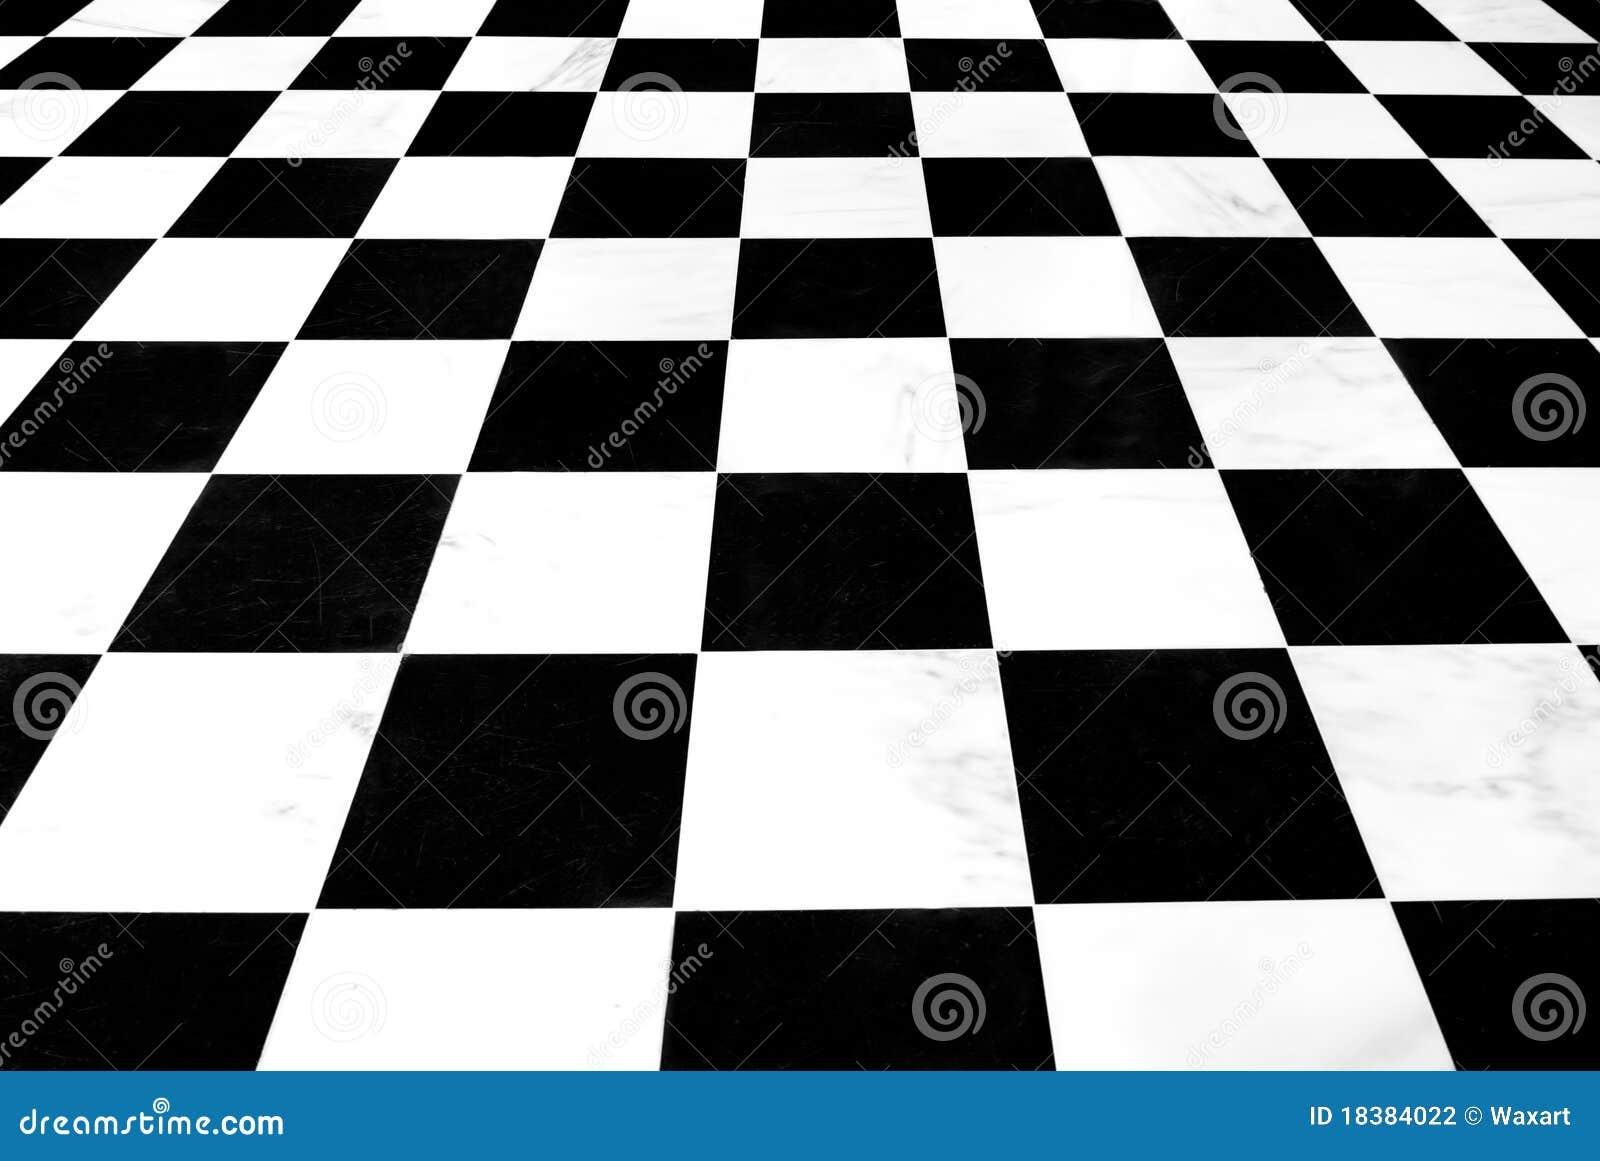 Suelo Checkered Blanco Y Negro Foto De Archivo Imagen De